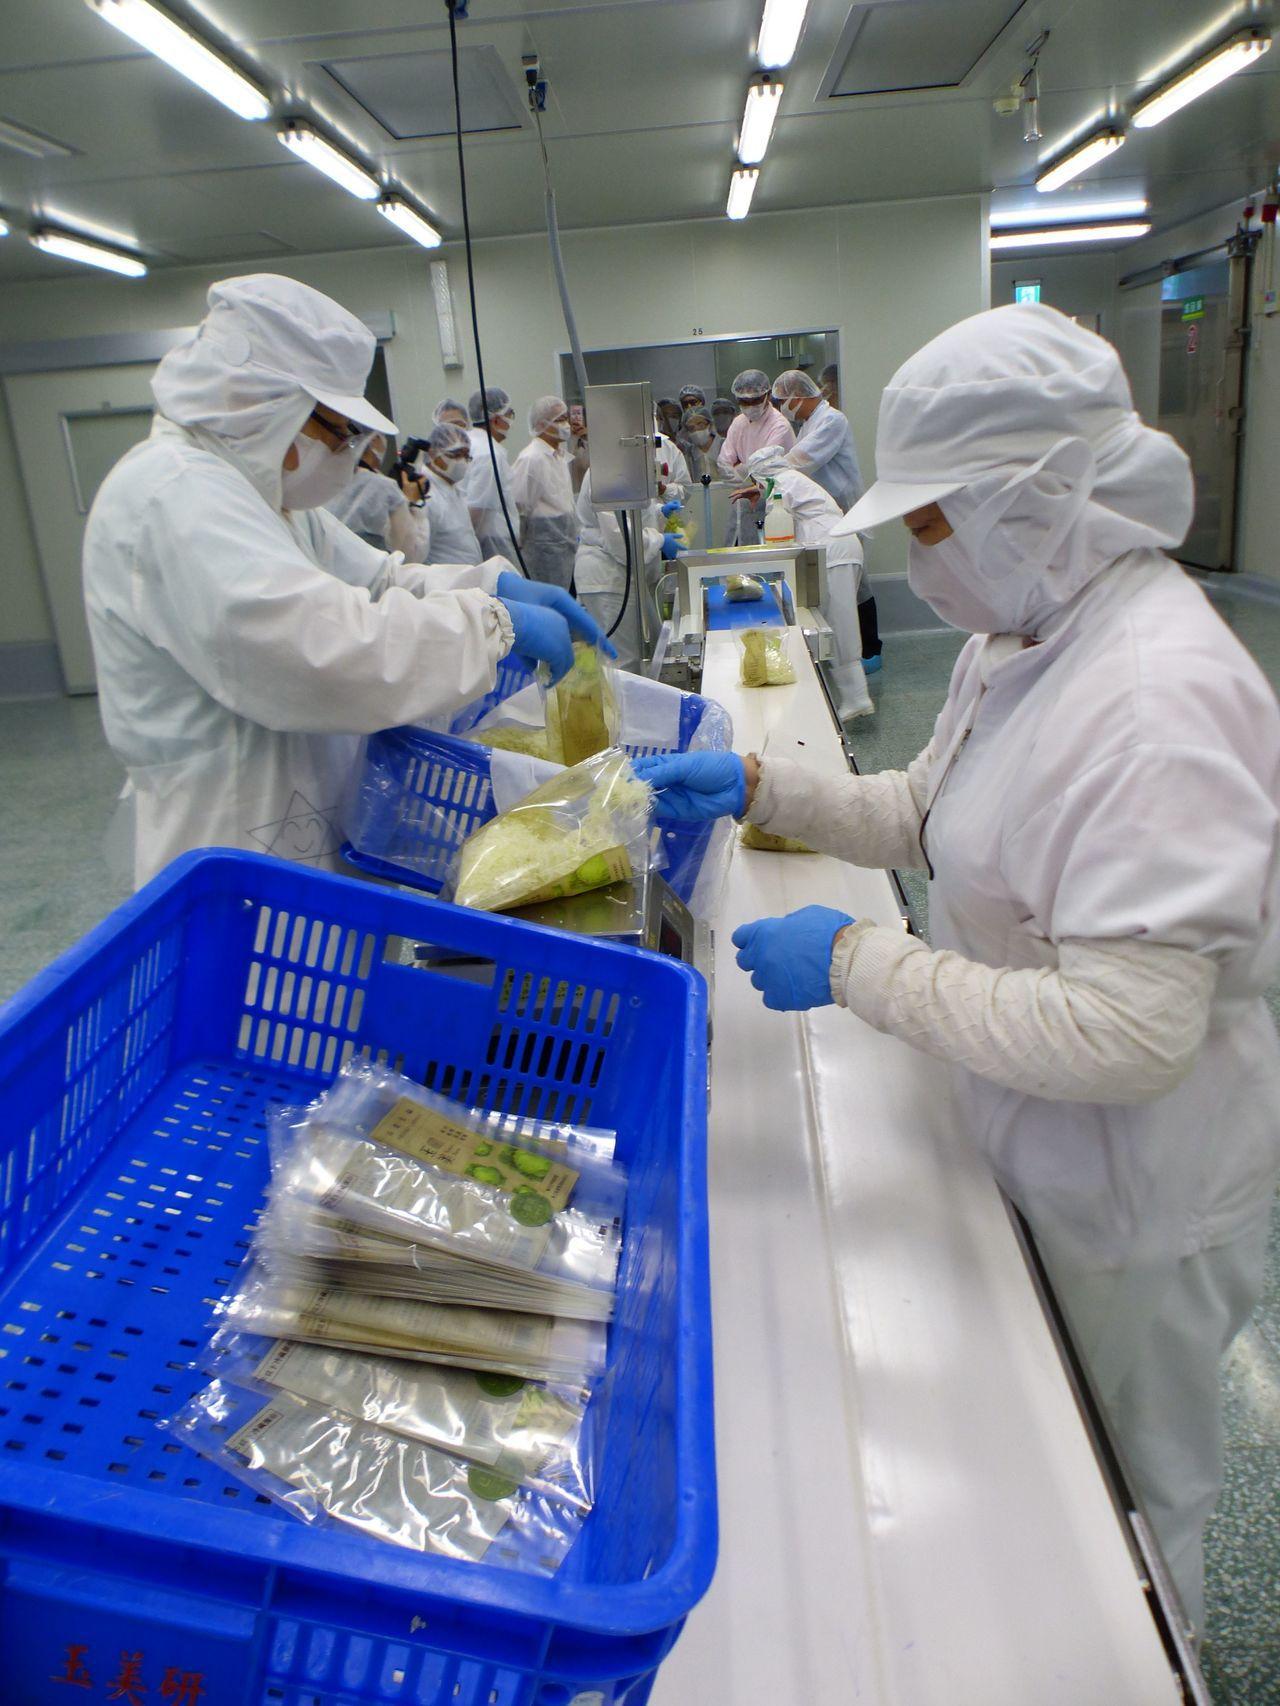 農委會副主委陳吉仲參觀玉美研究科技農場,了解截切蔬菜過程。記者趙容萱/攝影